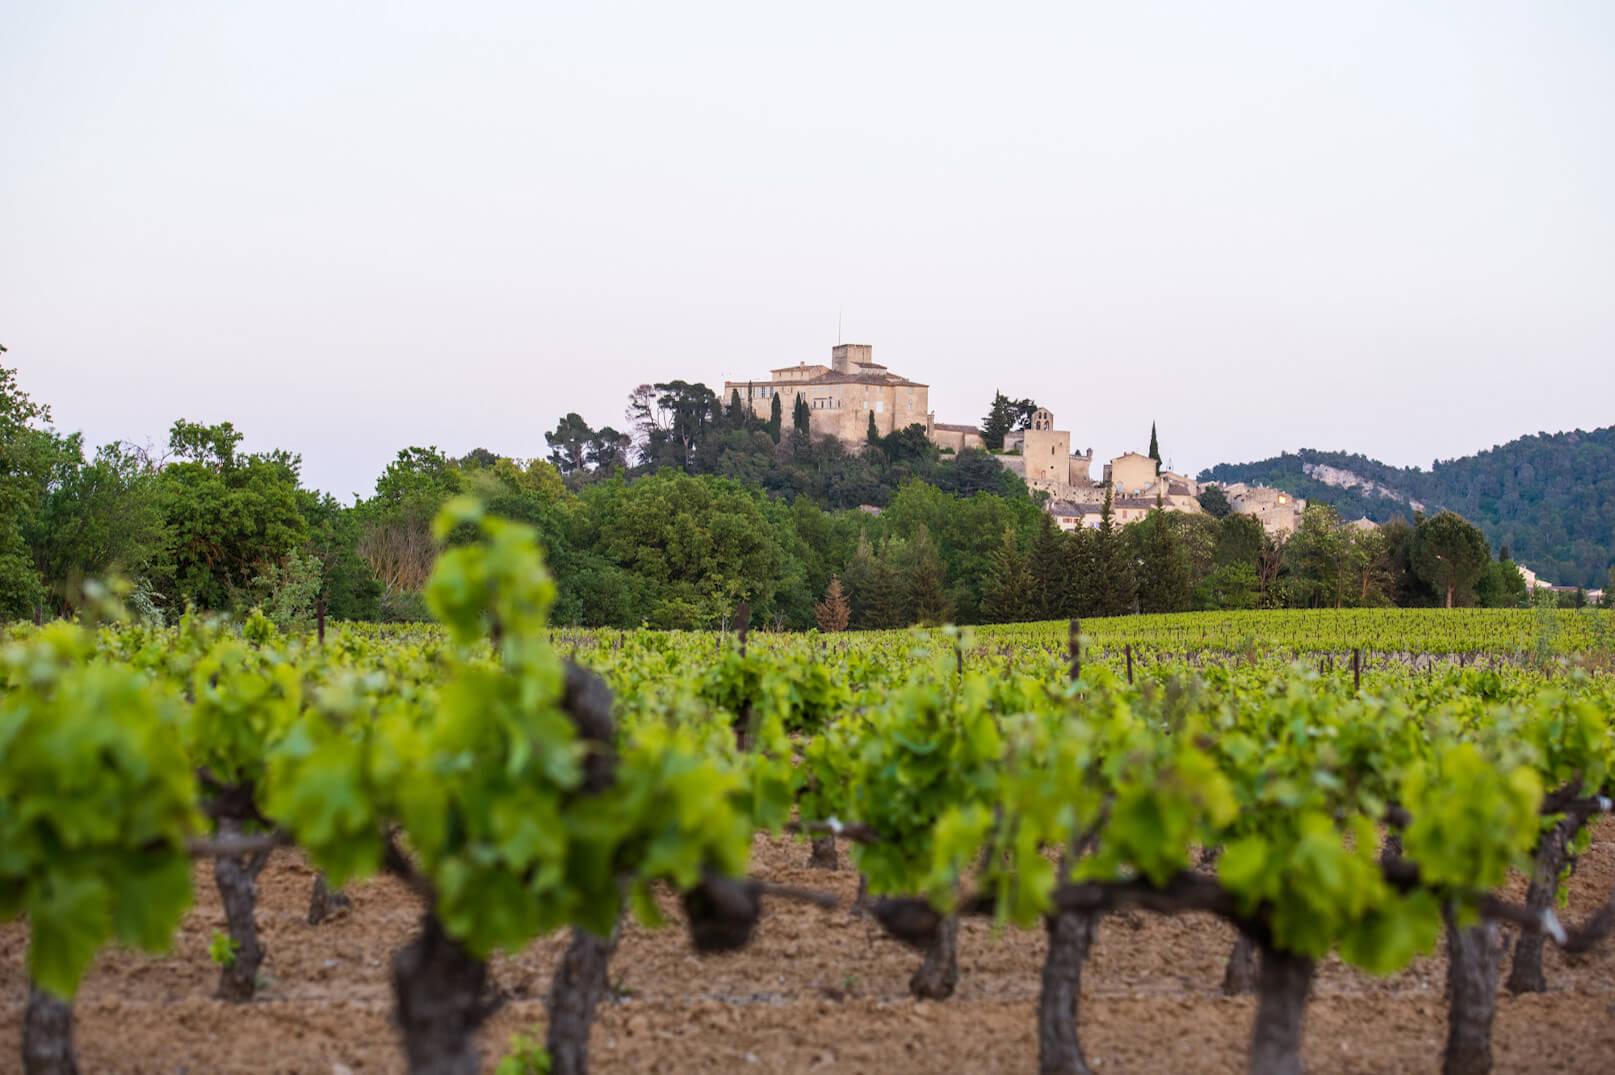 De wijngaarden van de Luberon